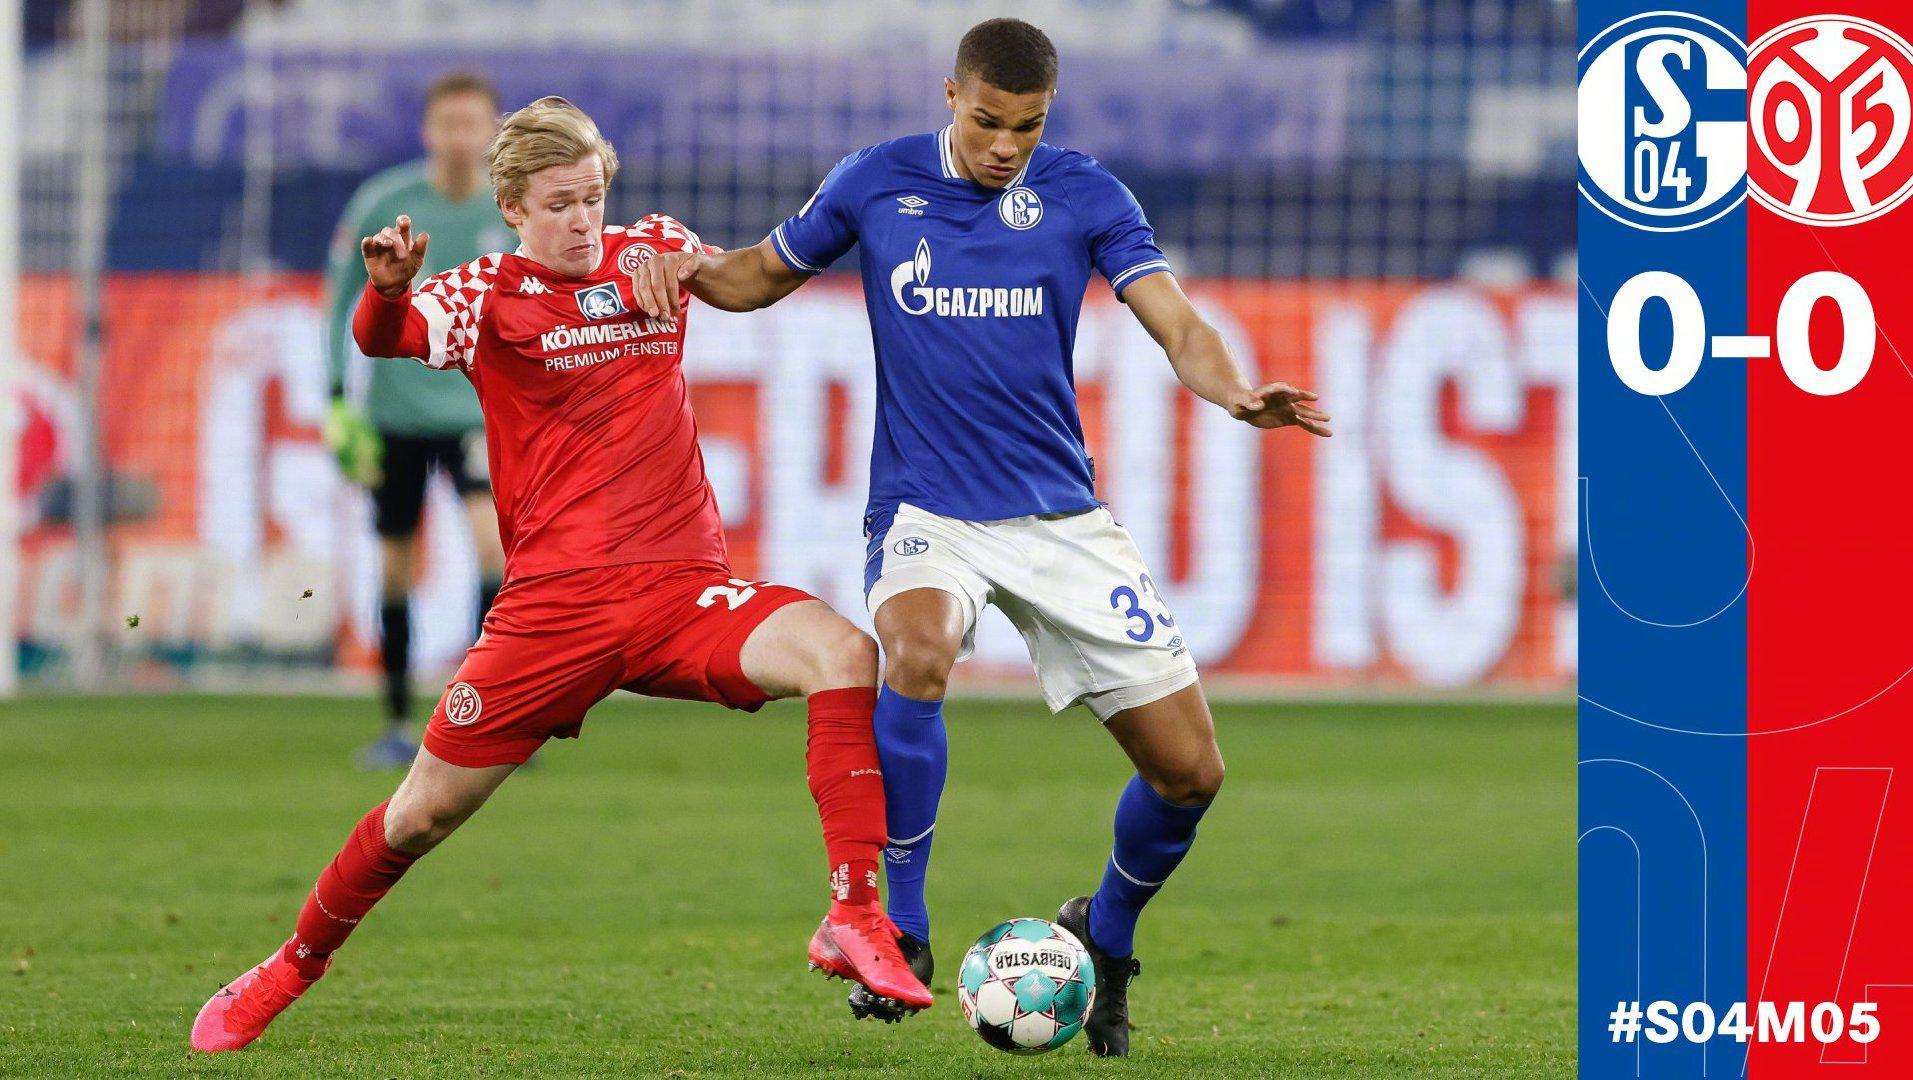 德甲第24轮的一场保级大战中,沙尔克主场0-0战平美因茨……